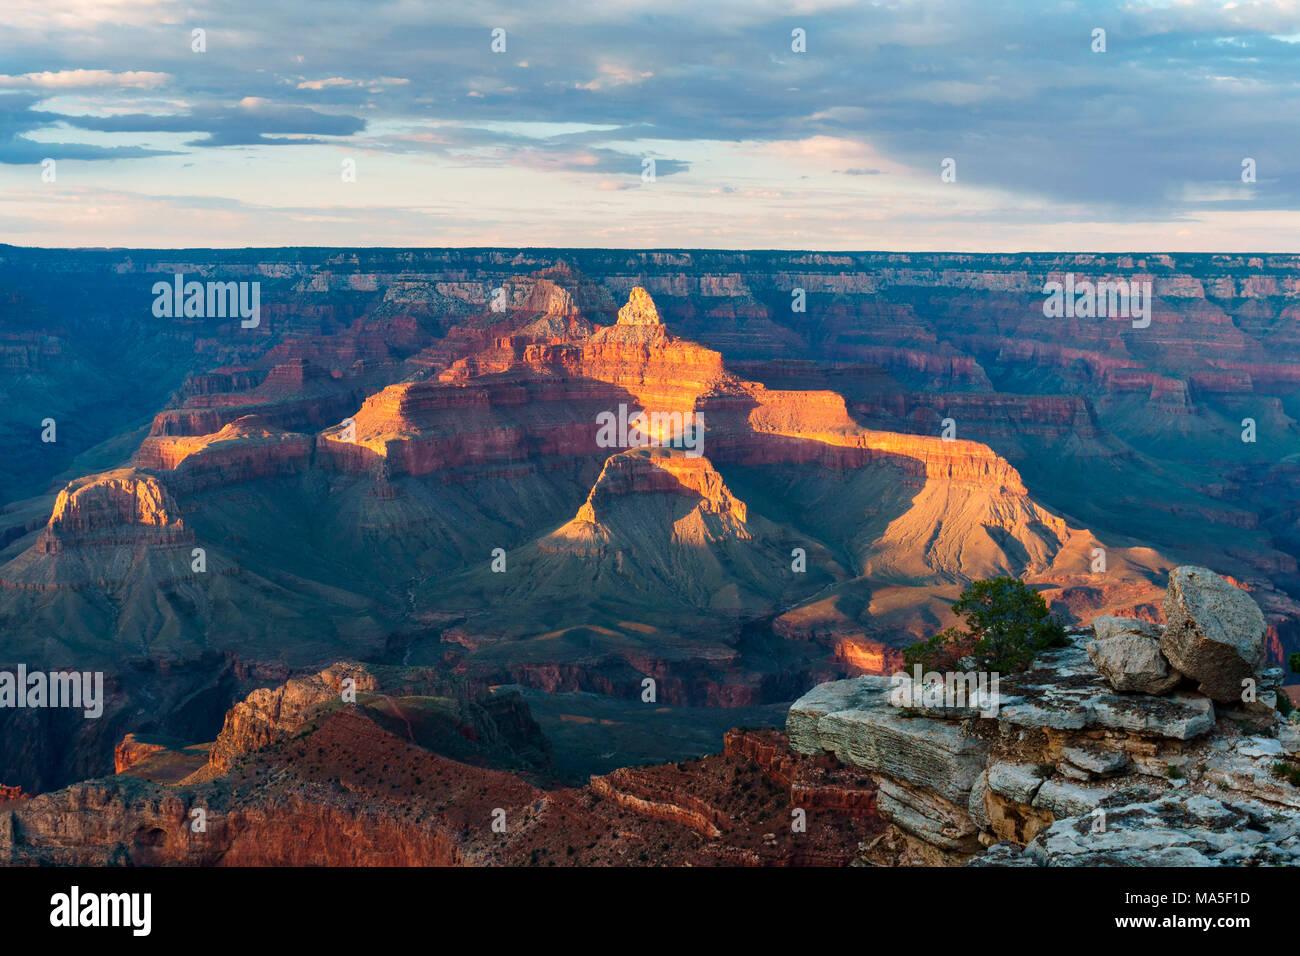 Sunset at Mother Point, Grand Canyon National Park, Tusayan, Arizona, USA Stock Photo